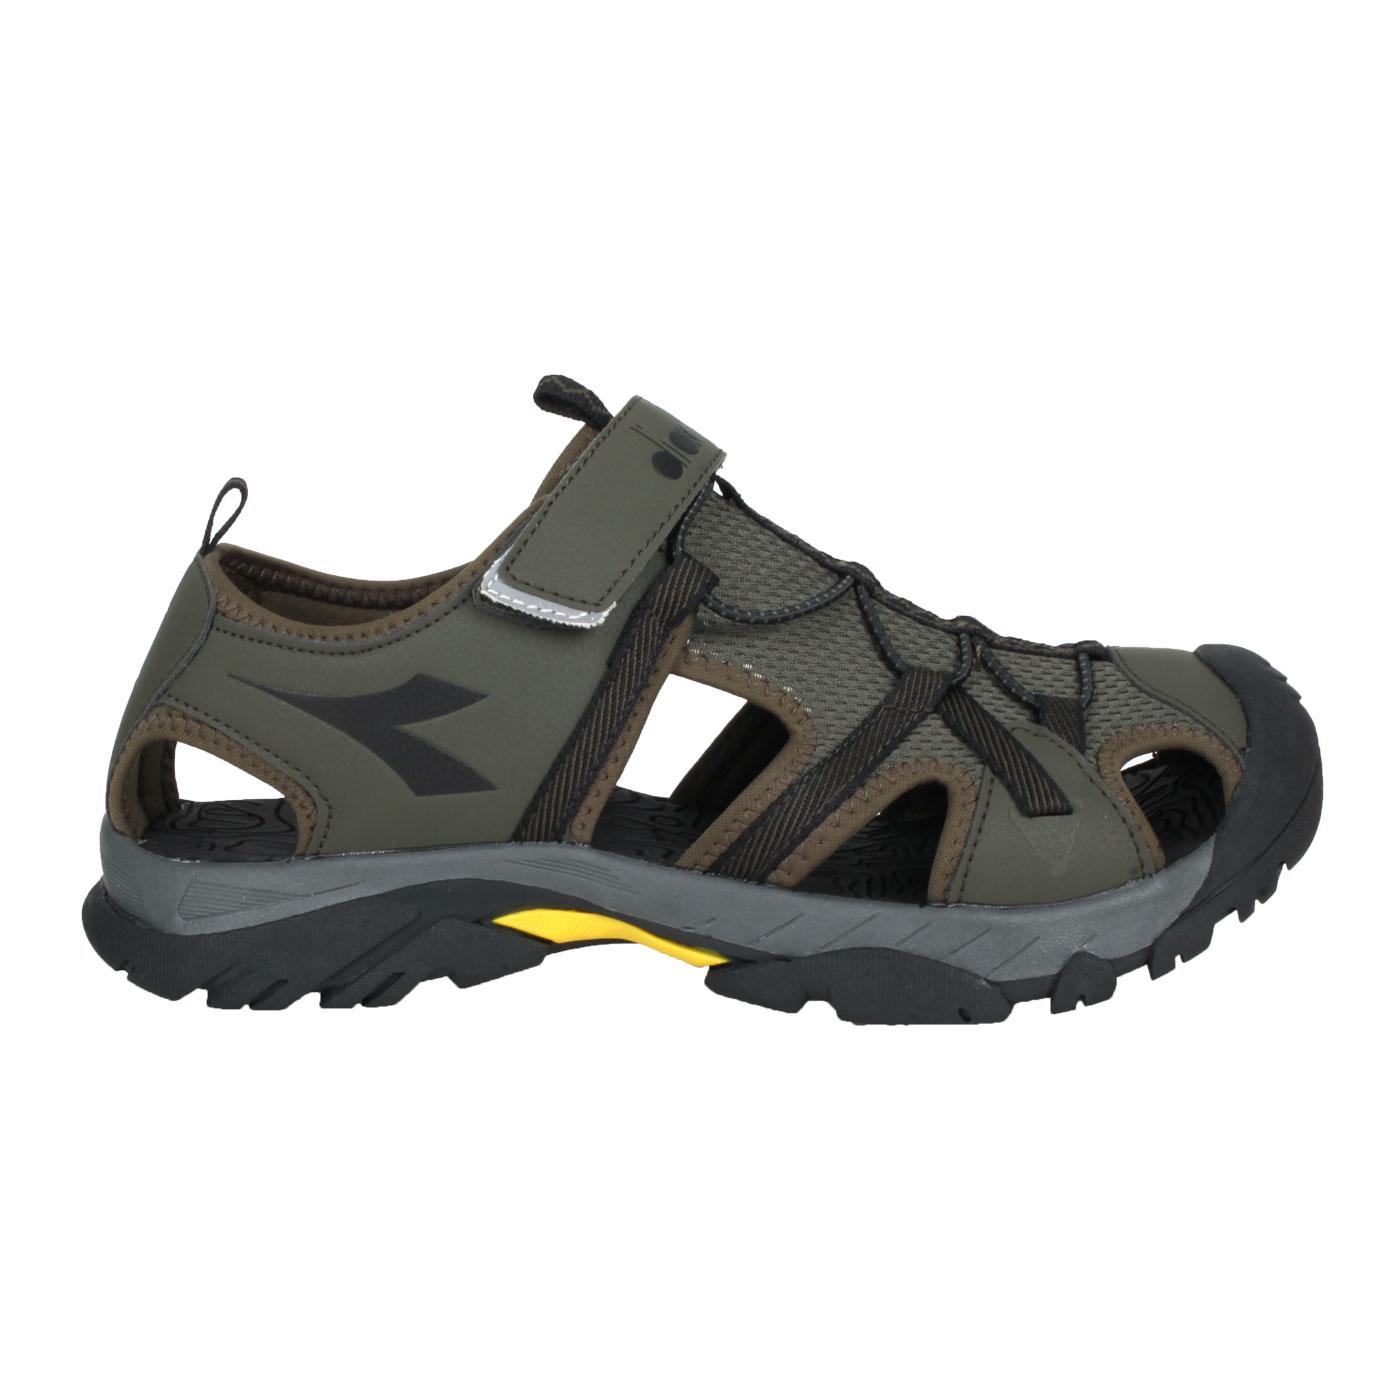 DIADORA 男款護趾運動涼鞋 DA71197